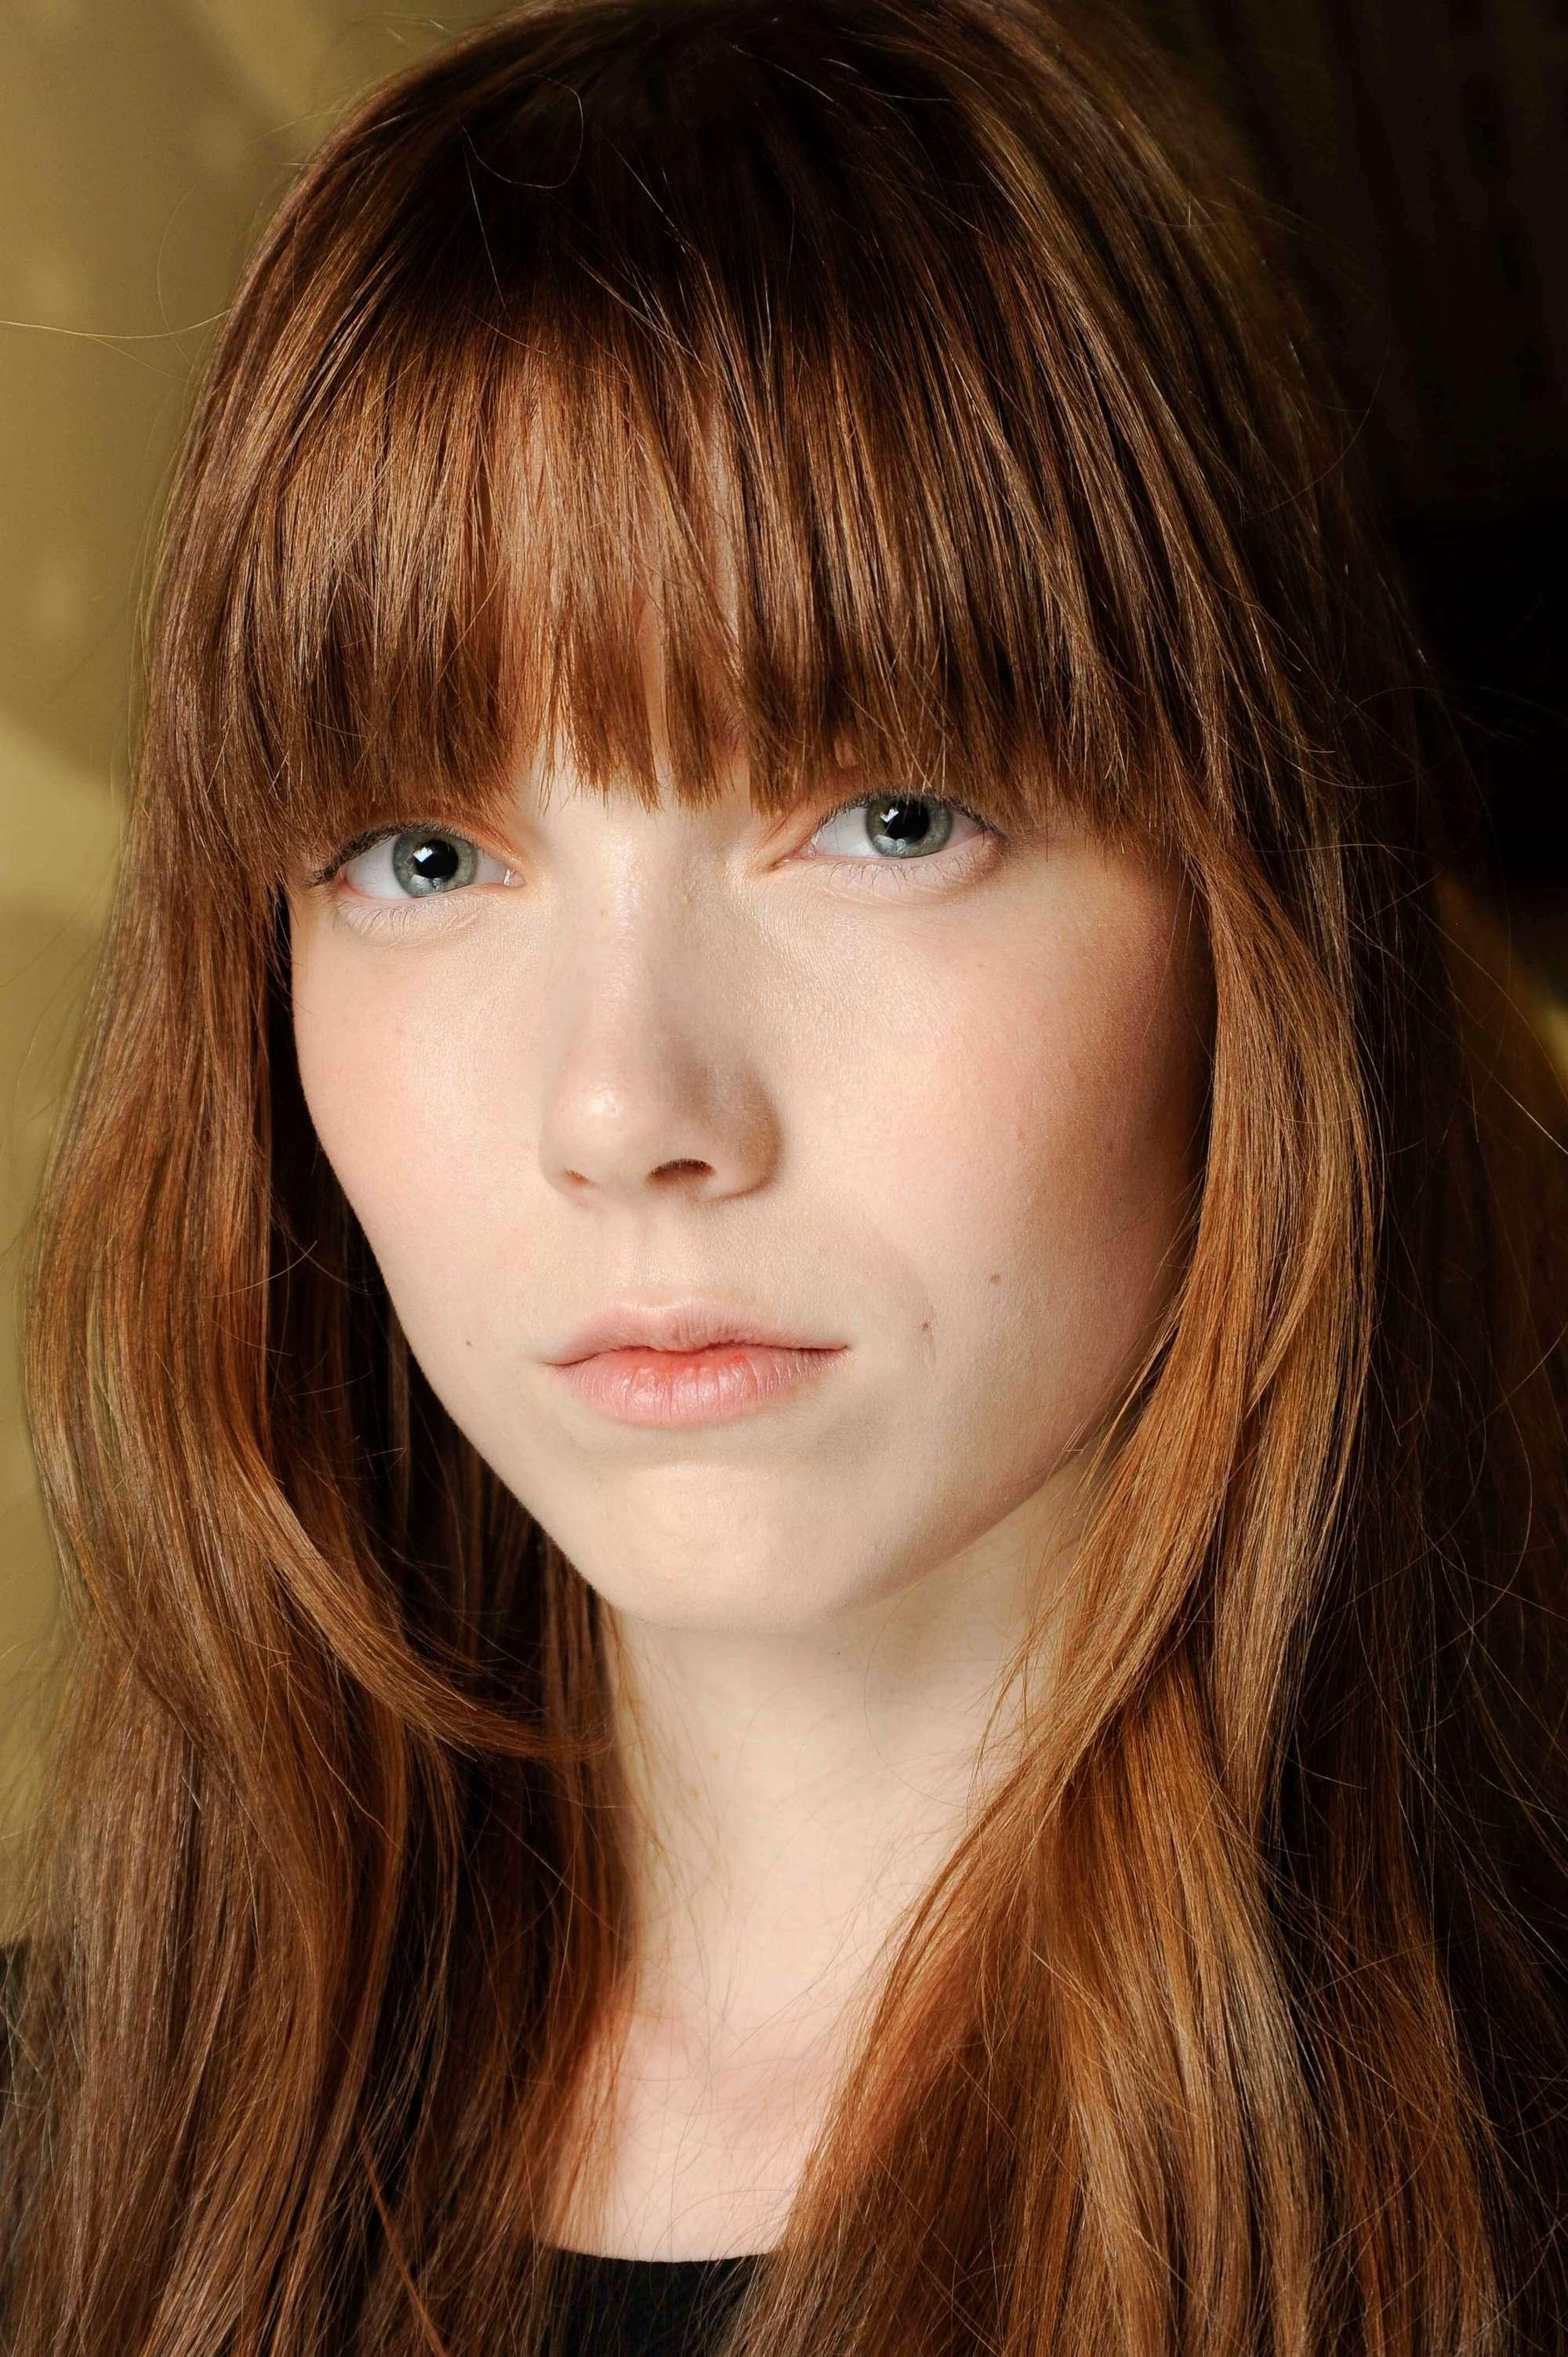 modèle avec des cheveux mi-longs lisses brun-rouge auburn avec une frange complète